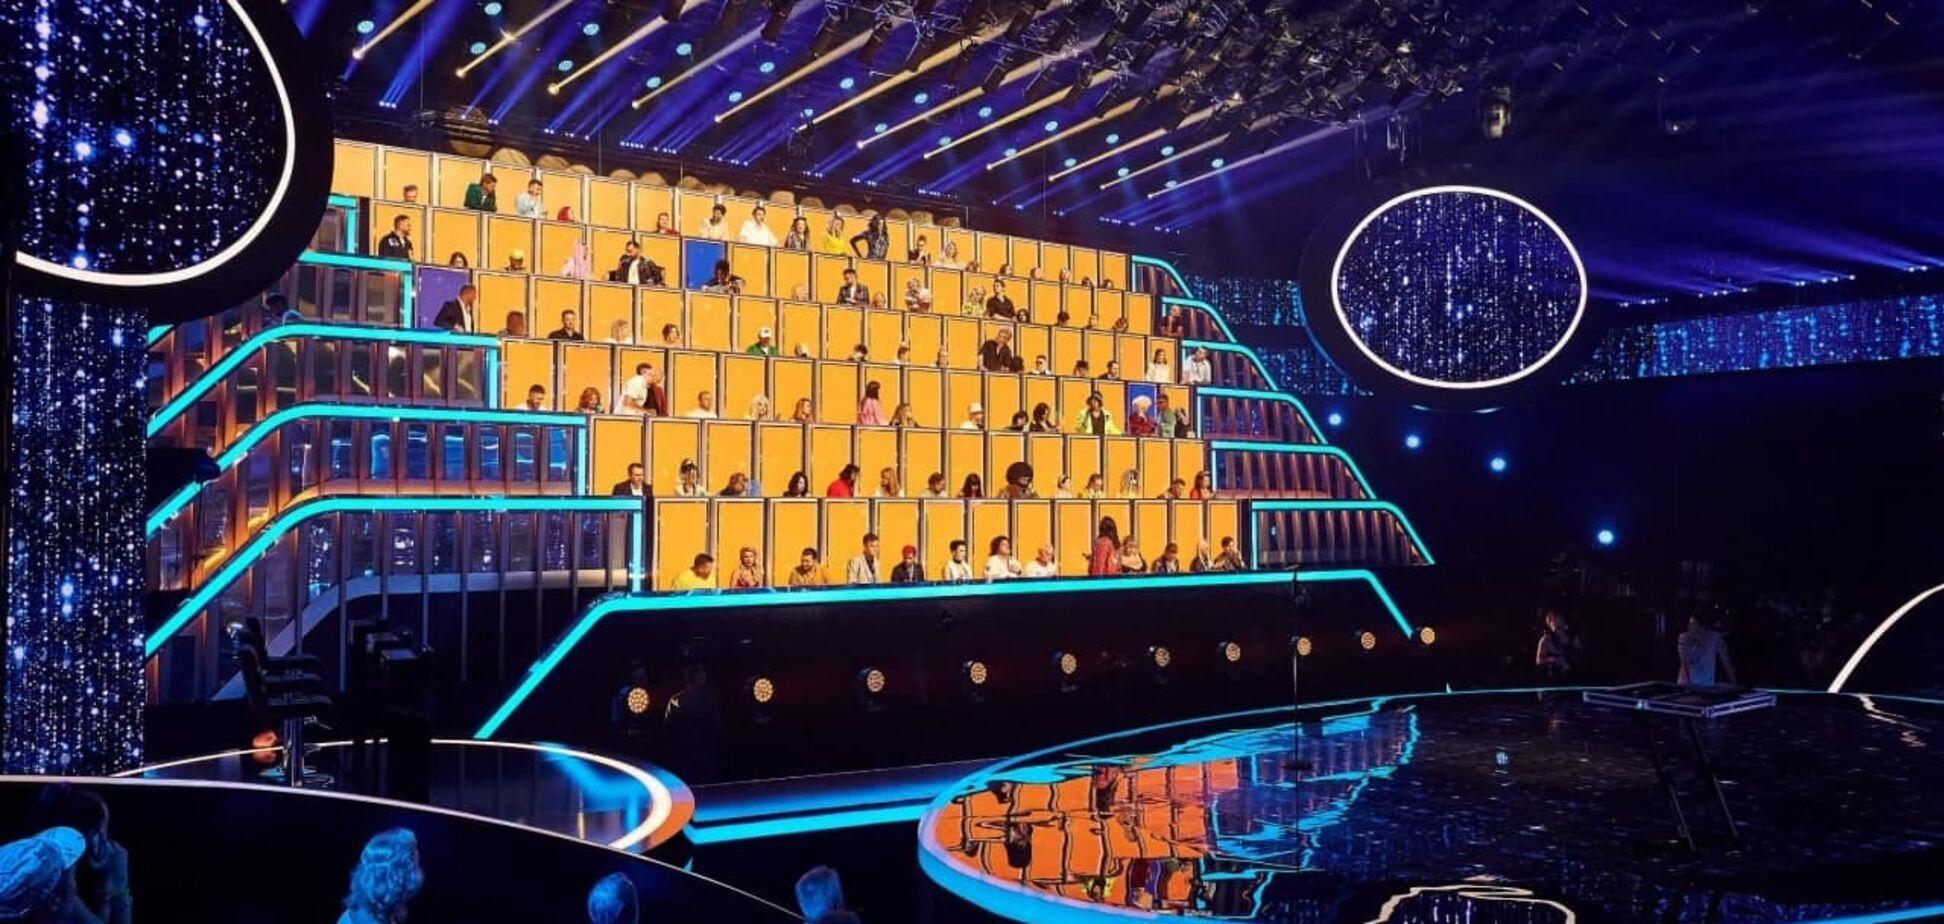 Когда покажут первый выпуск масштабного шоу 'Співають всі': дата премьеры